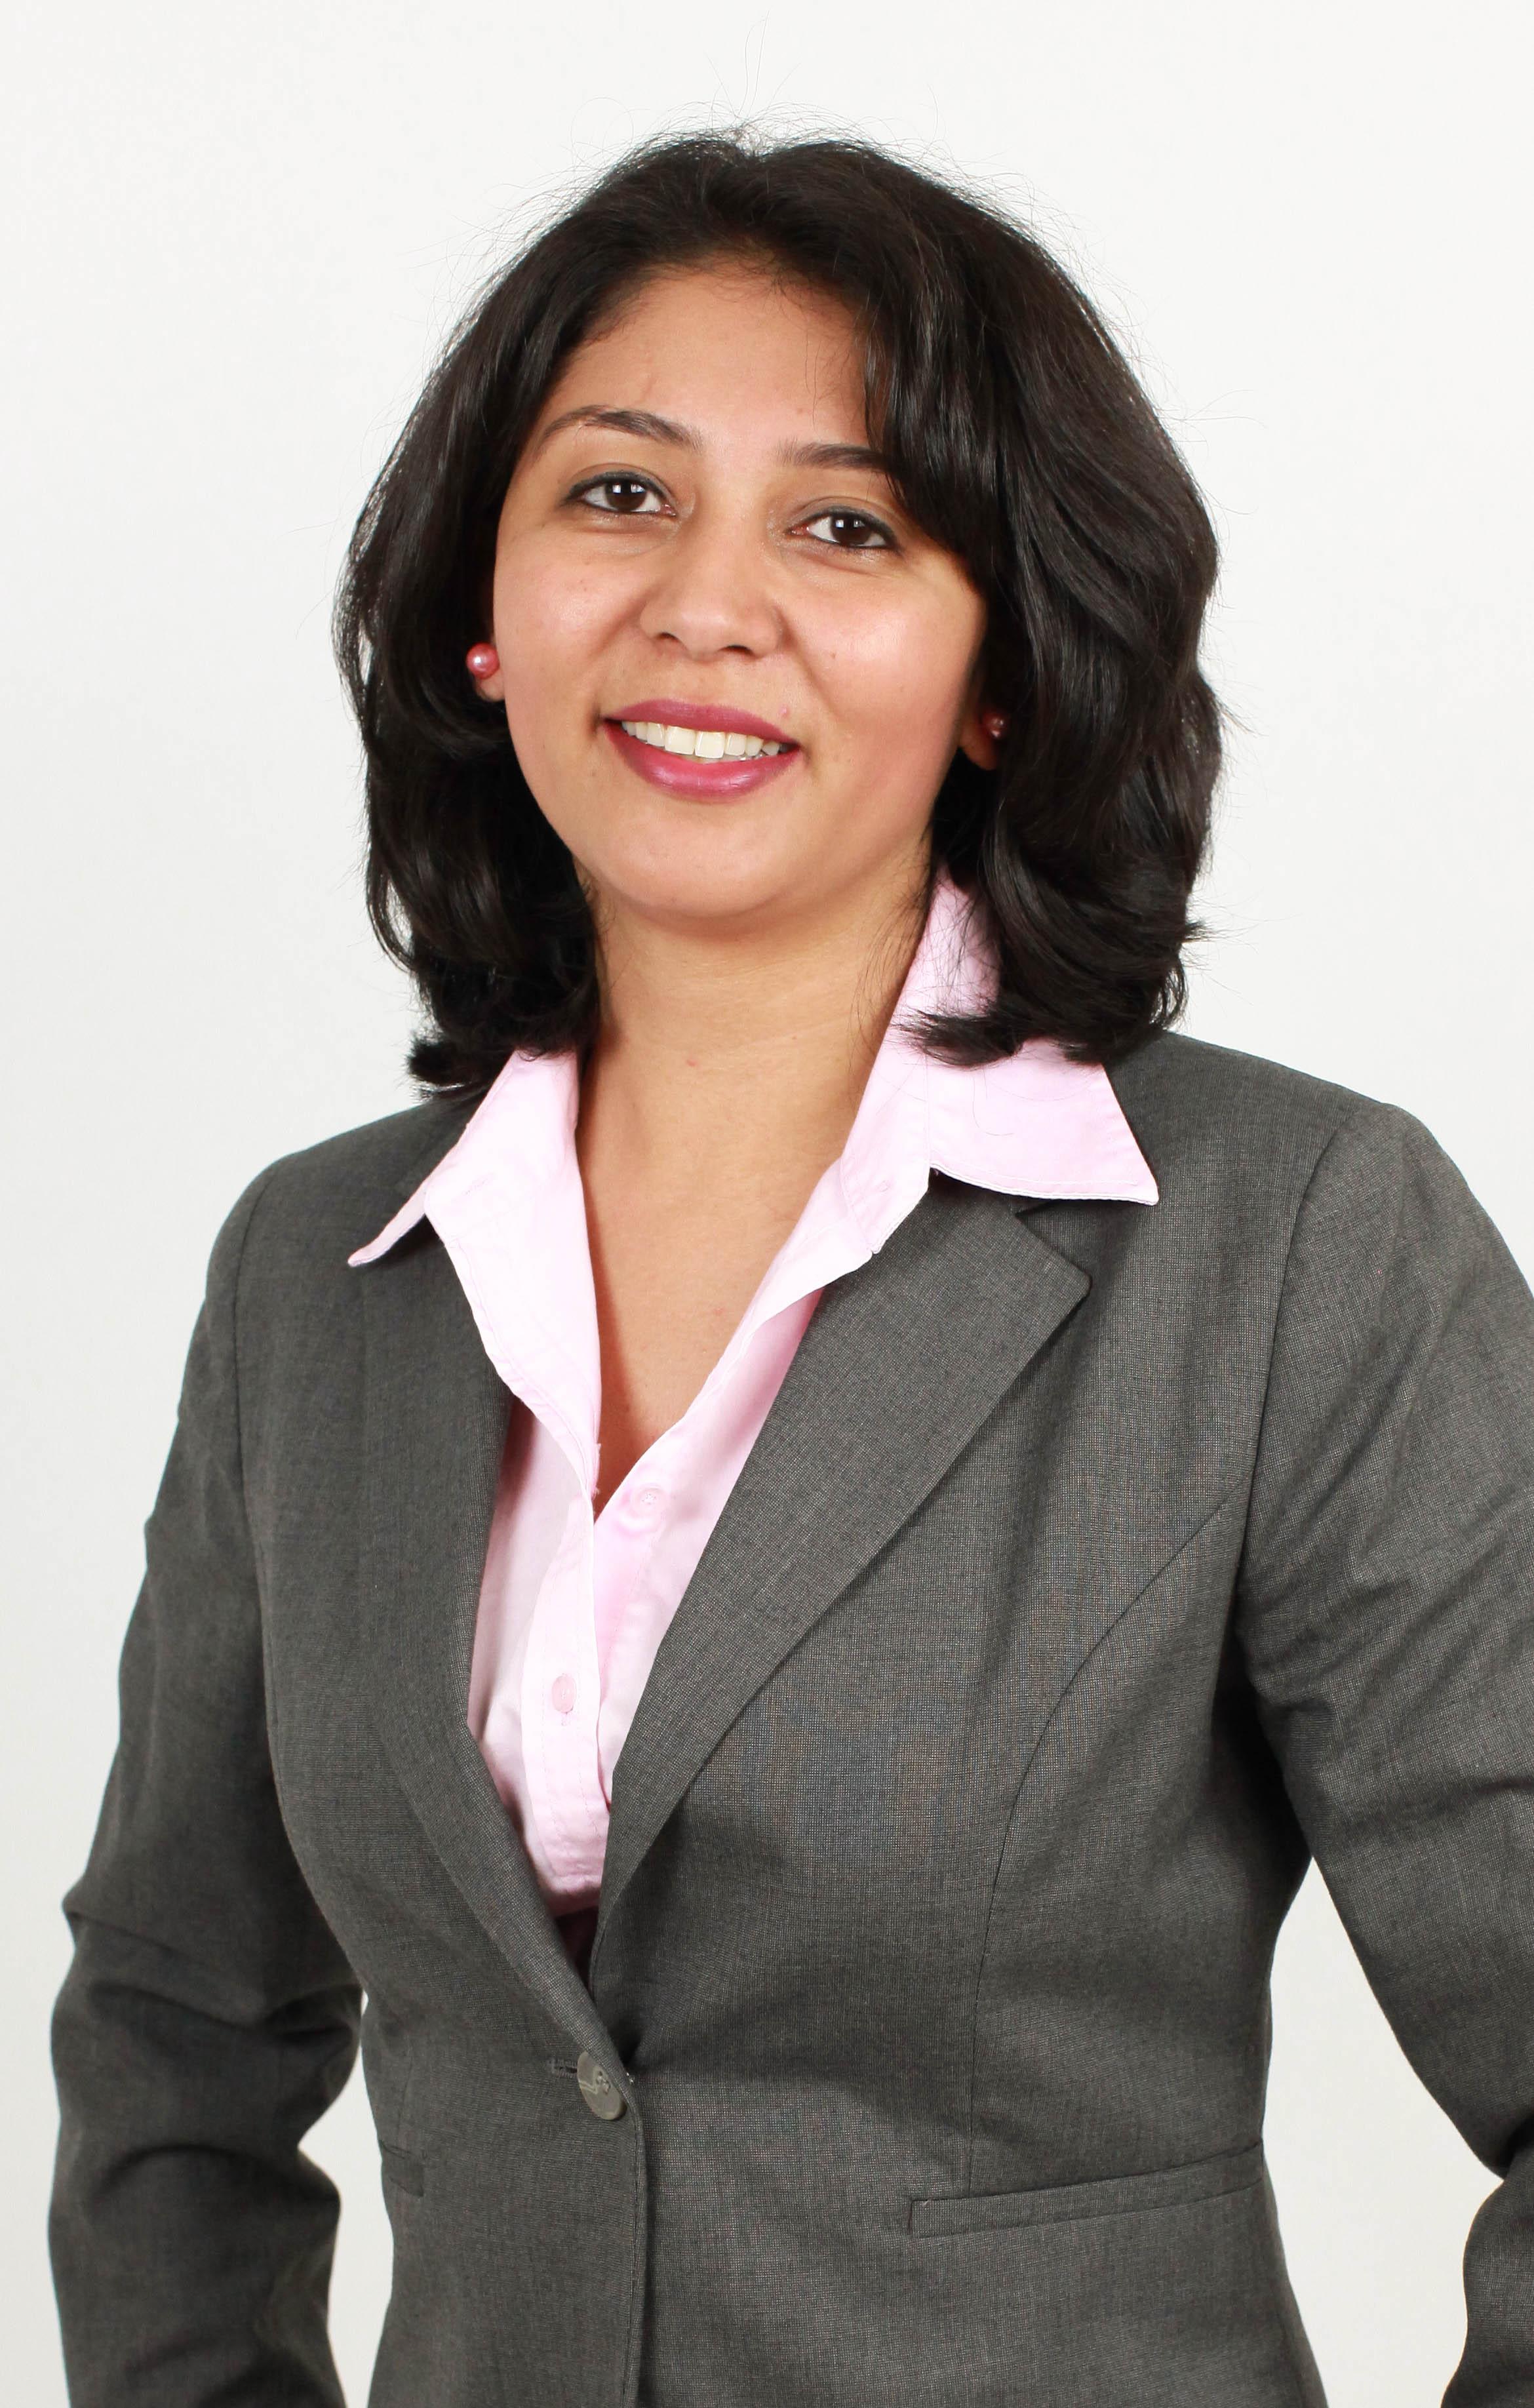 Dr. Param Sekhon